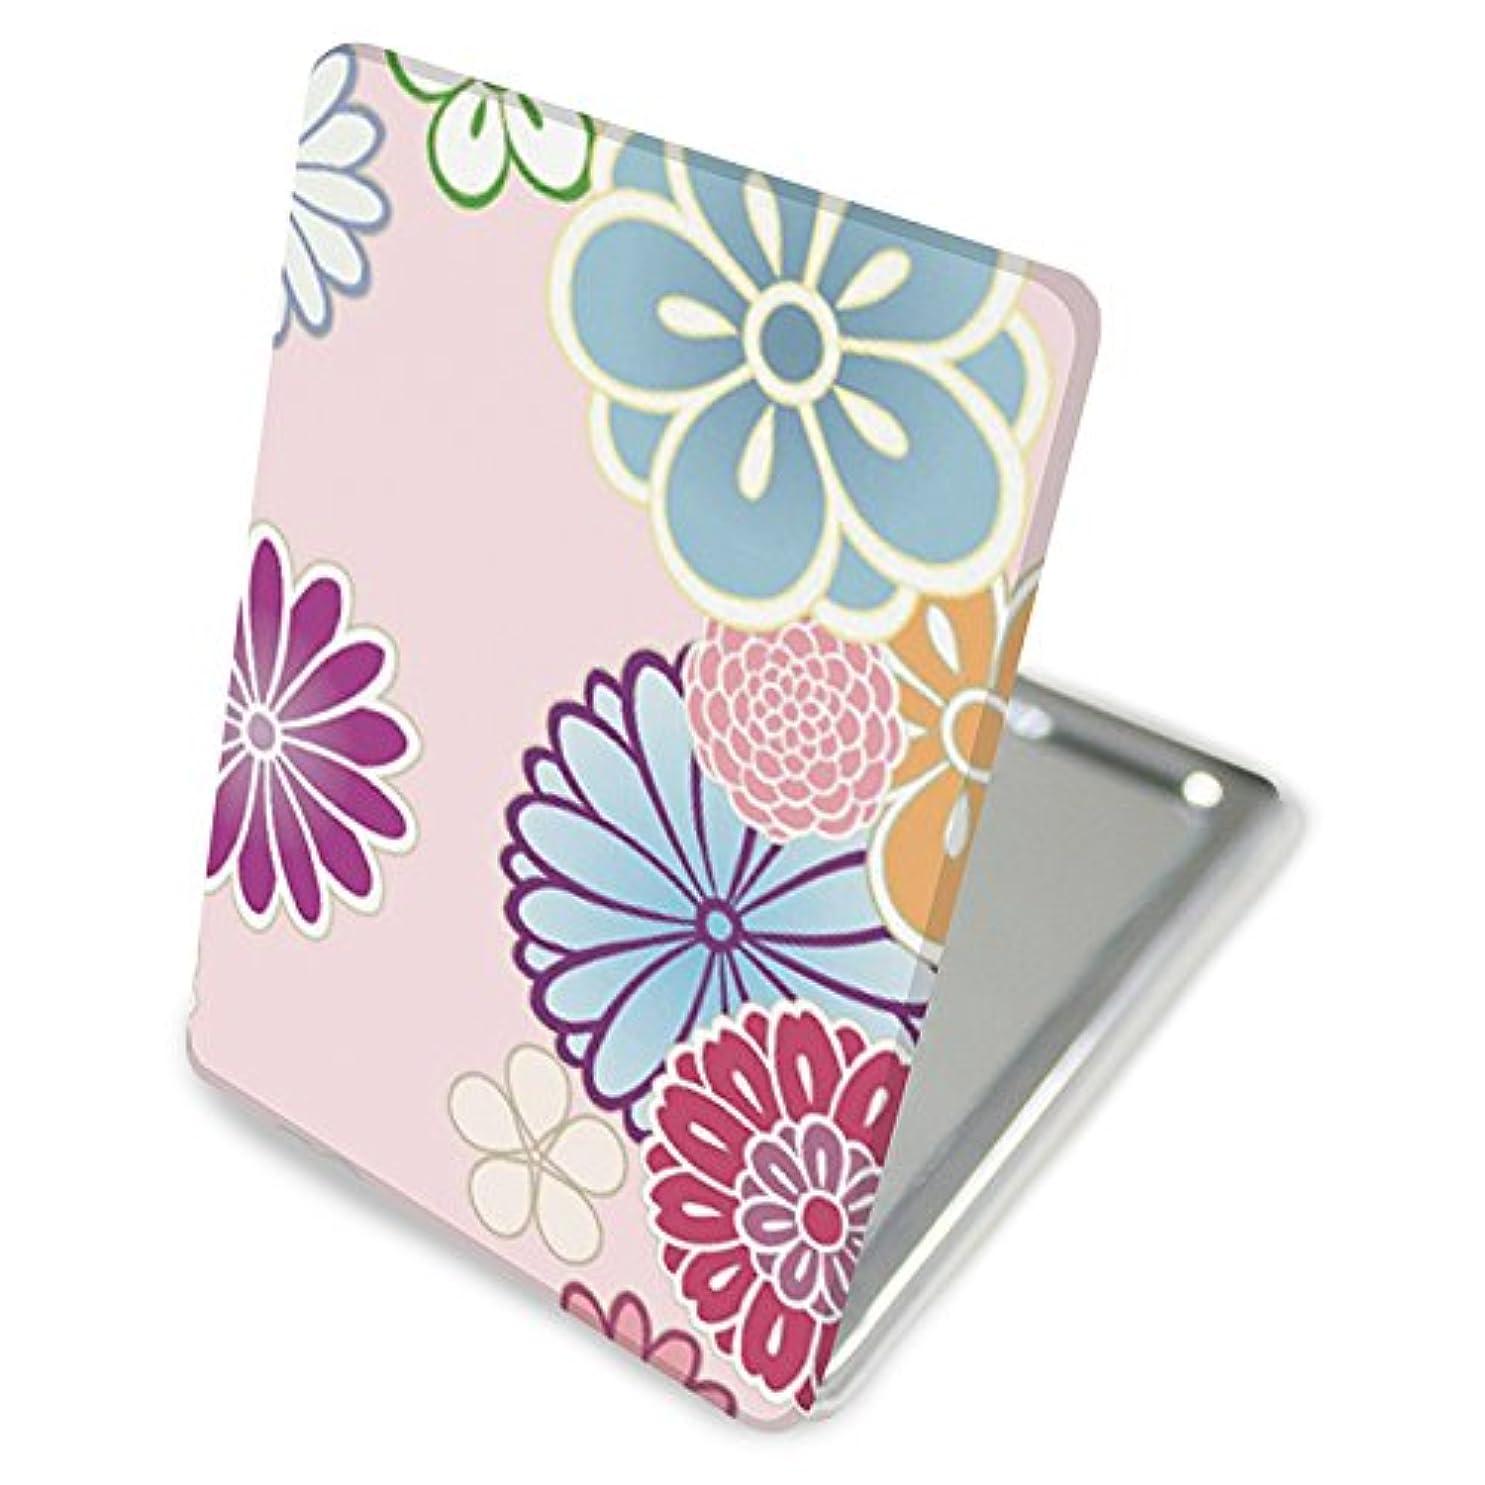 憂慮すべきエキスパート(カリーナ) Carine 手鏡 コンパクトミラー ハンドミラー 拡大鏡付 持ち歩きに便利 かわいい kgm014(A) 花柄 フラワー デザイン 和柄 和風 和花